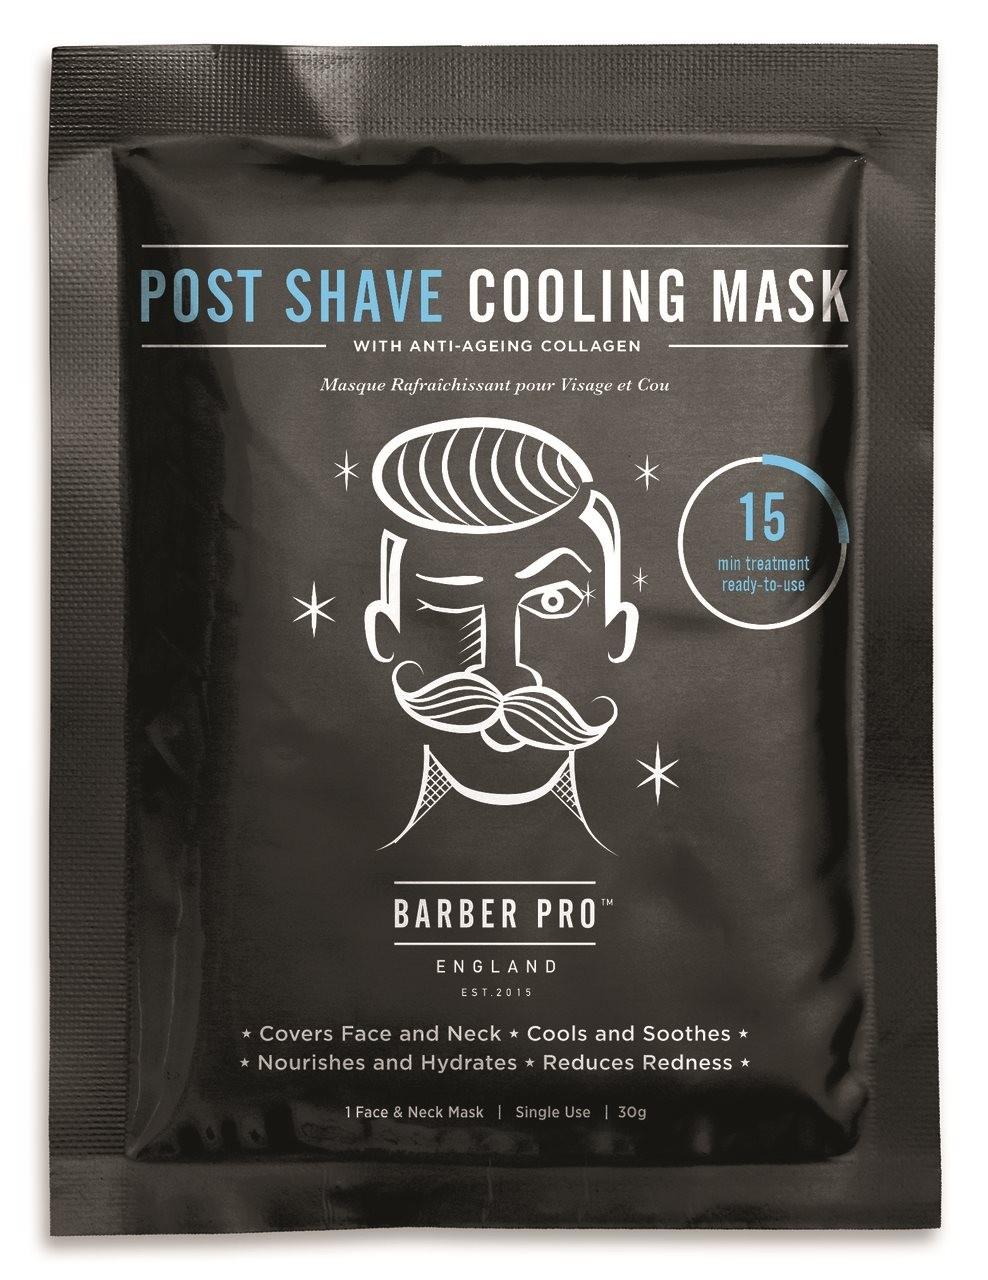 Barber Pro Post-Shave Cooling Mask